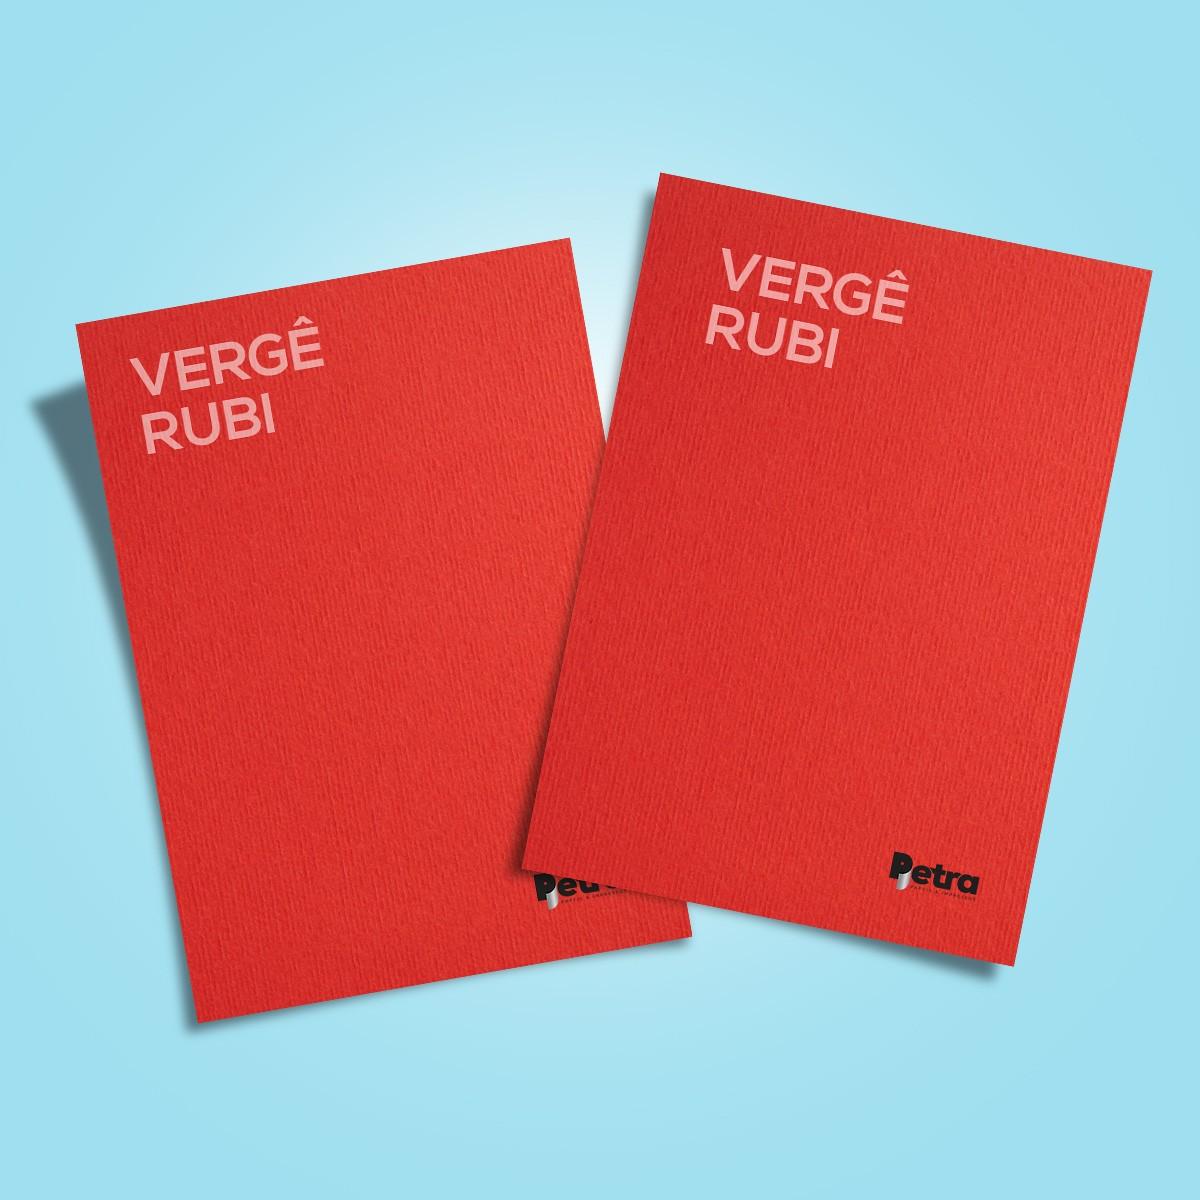 Papel Vergê Rubi ( vermelho ) Tam: A4 180g/m² - 50 Folhas